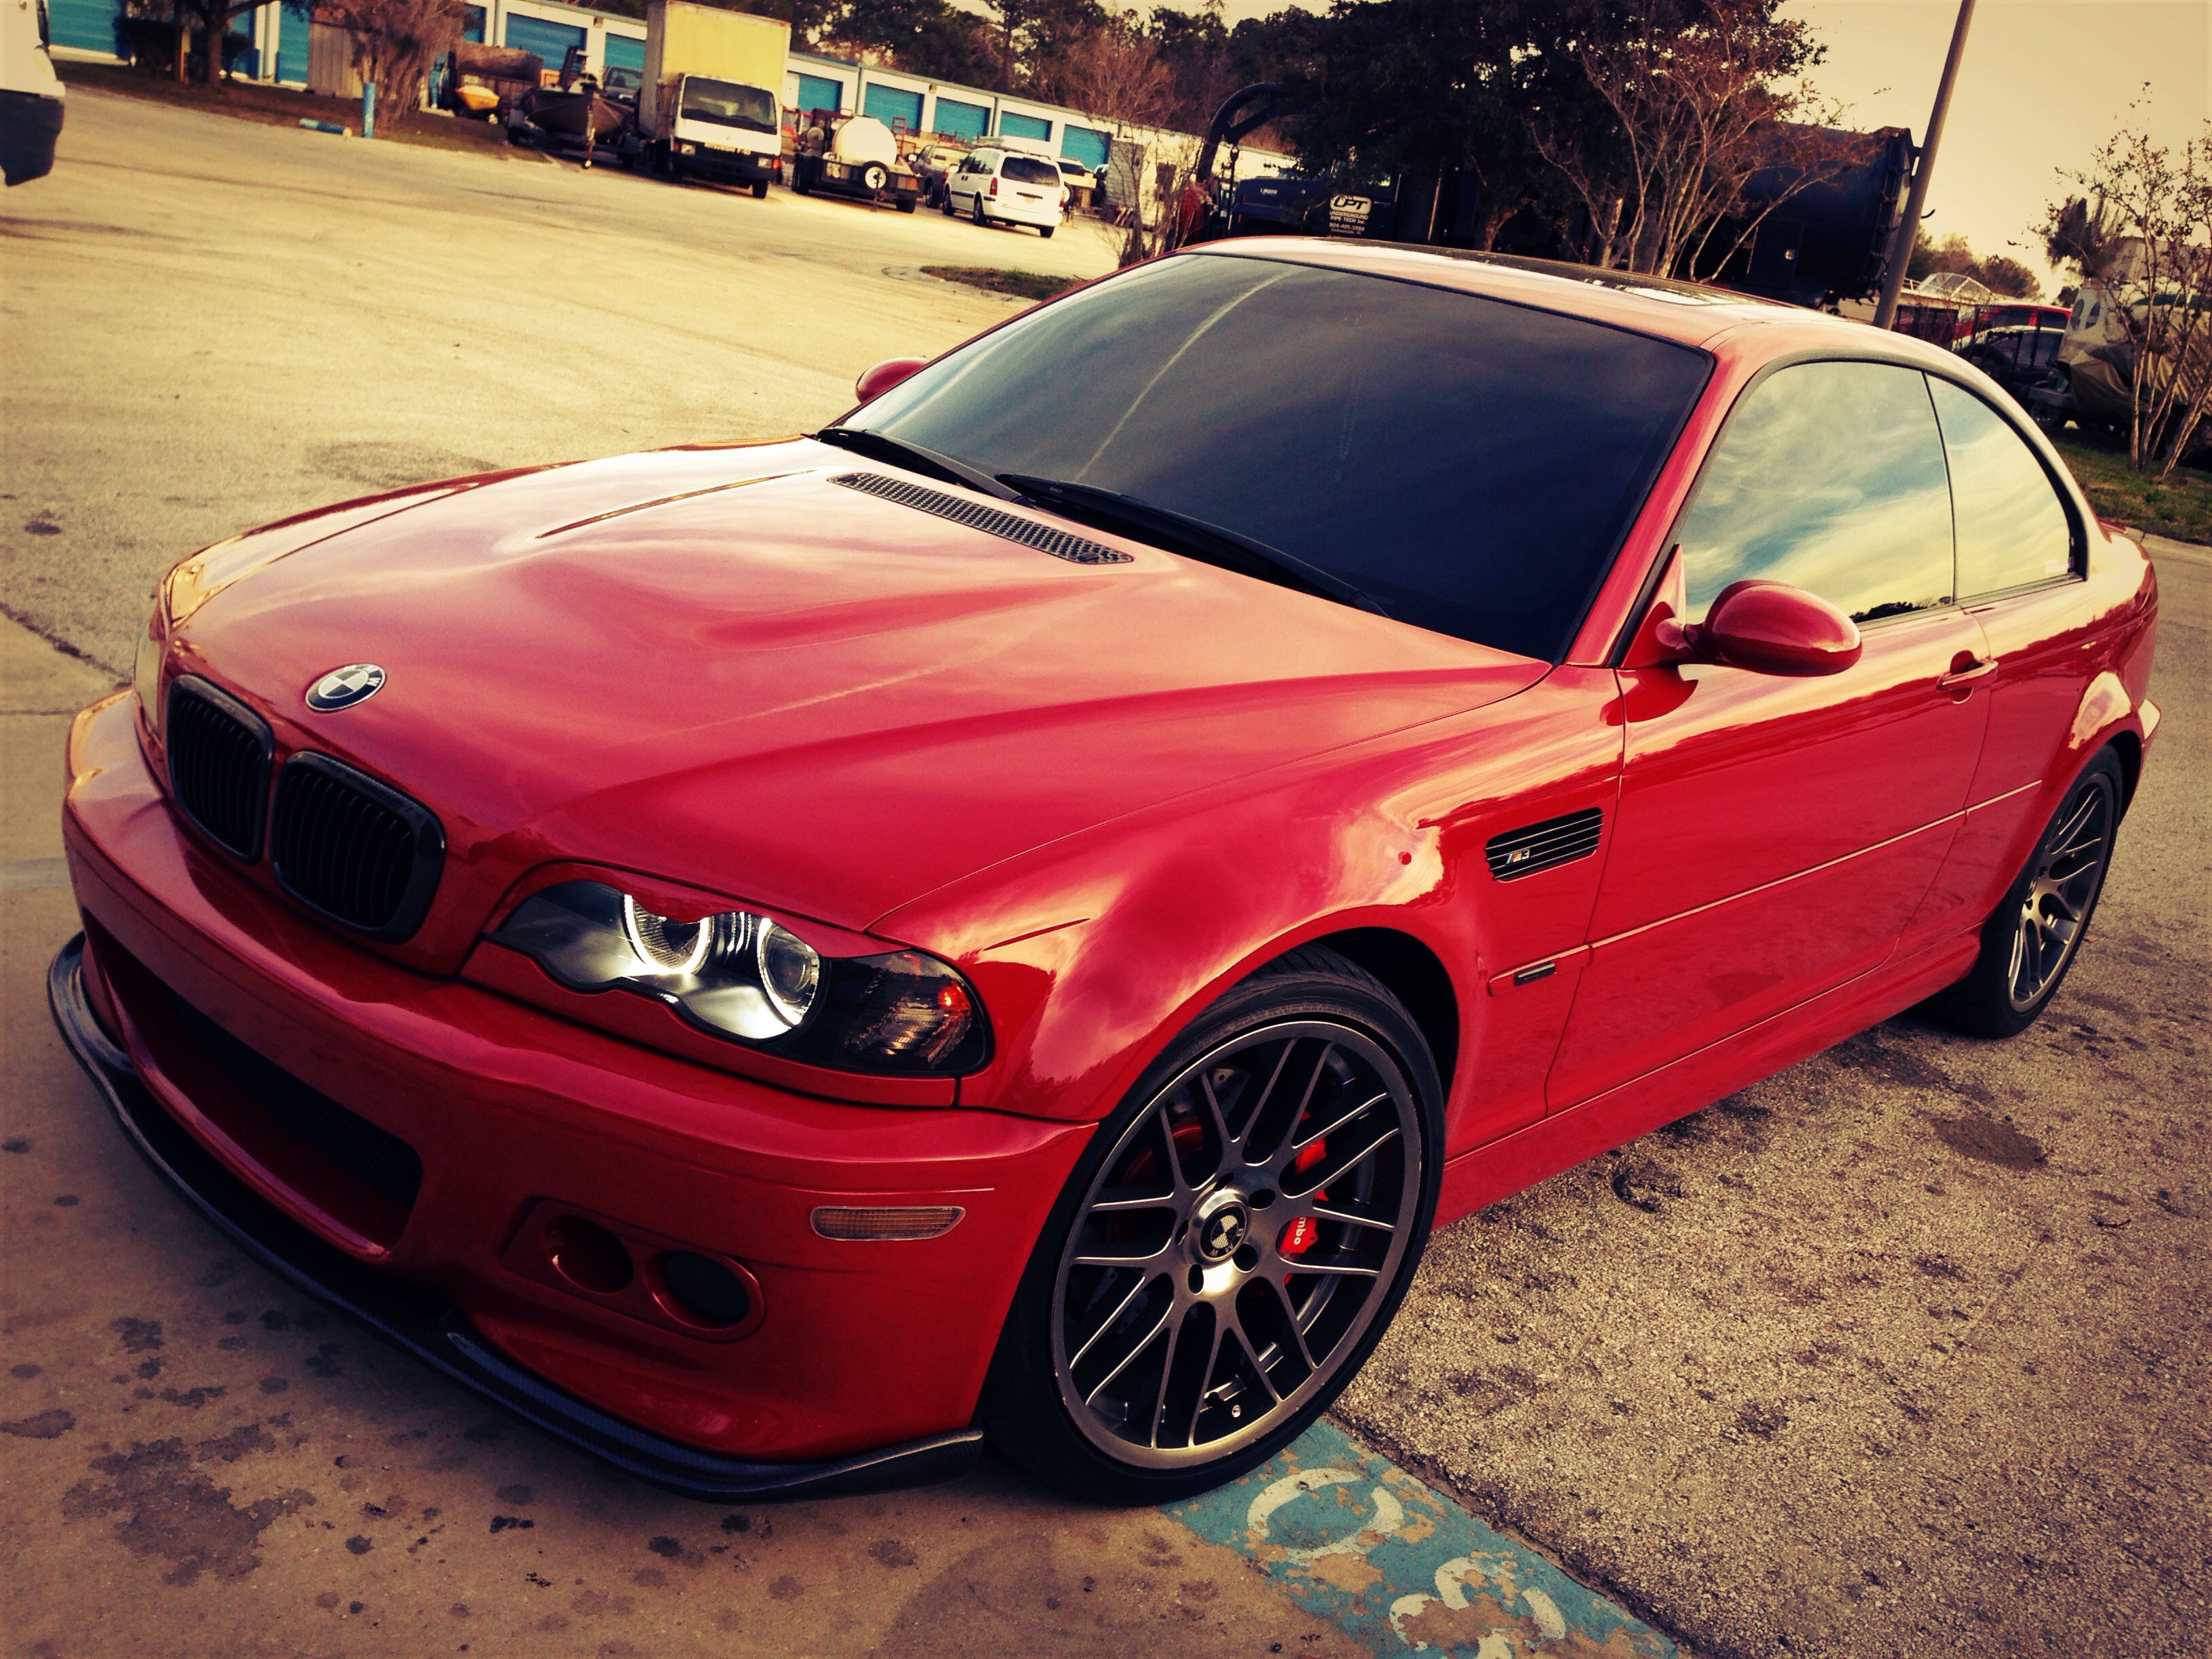 bmw m3 red devil bmw m power bmw bmw m3 bmw cars rh pinterest com